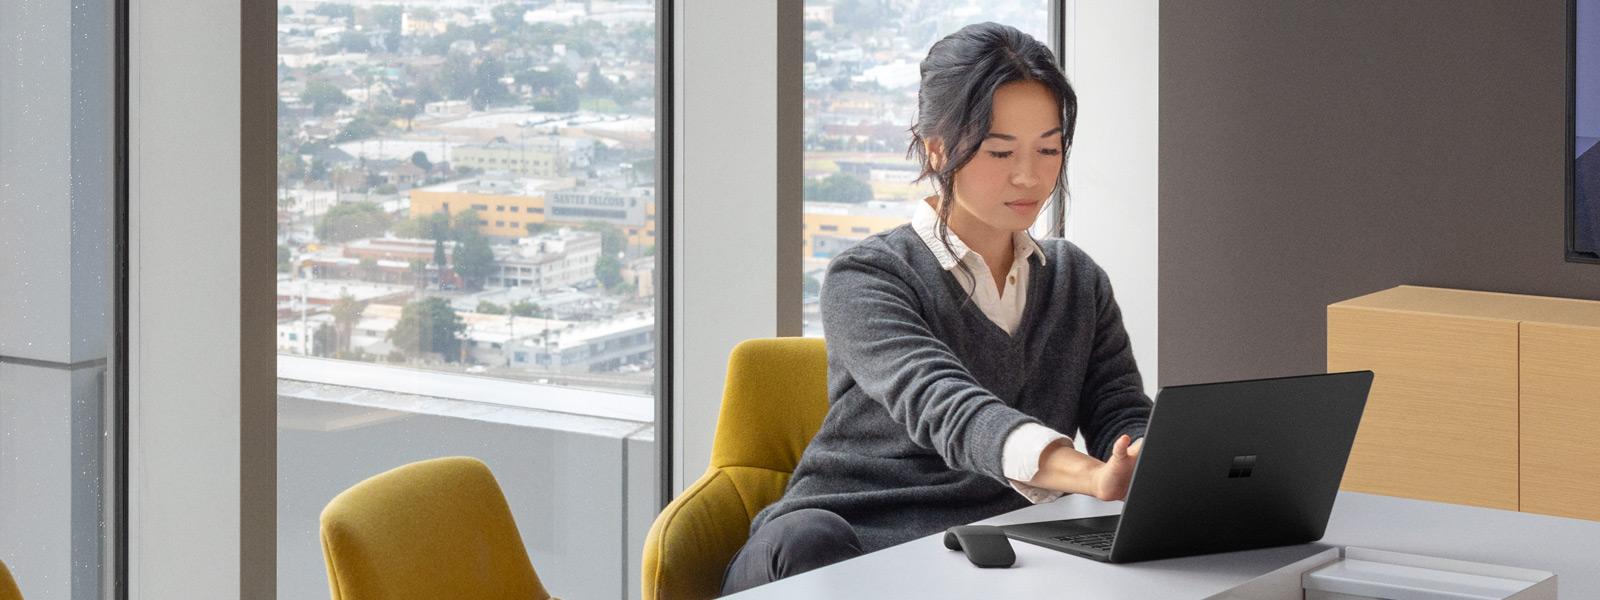 マットブラックの Surface Laptop 2 を使ってデスクで働く女性